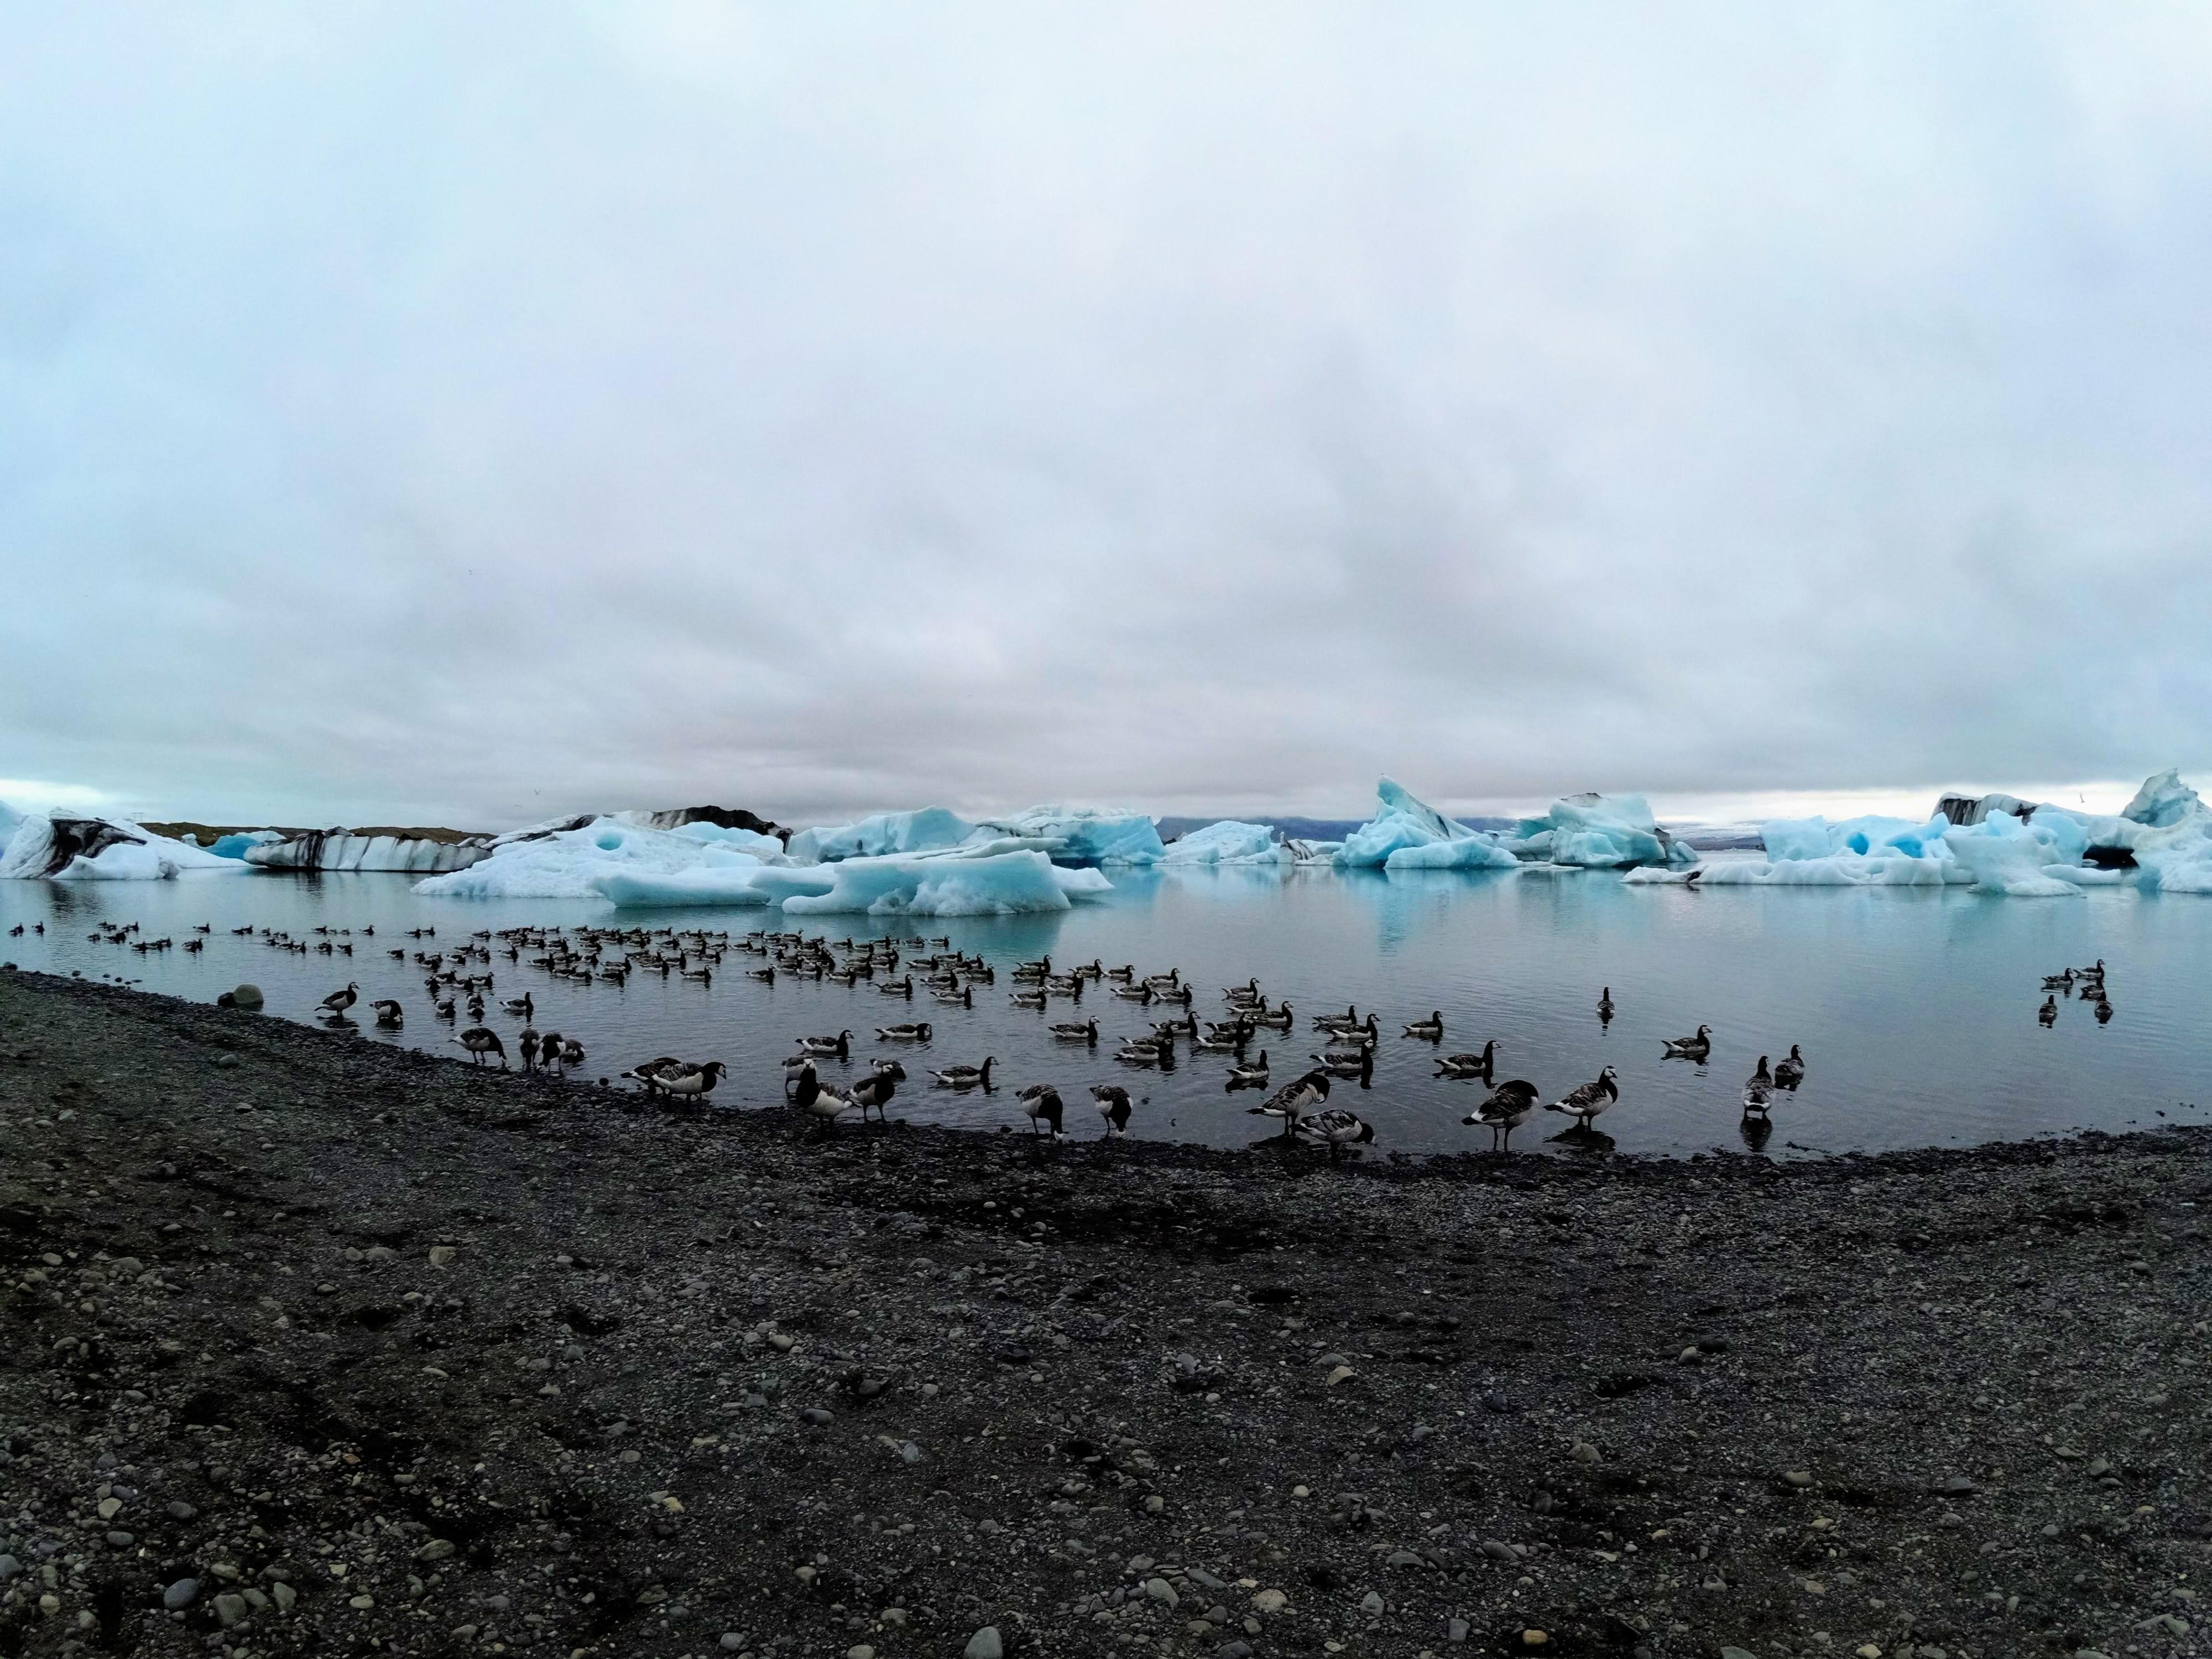 Migrace ptactva v ledovcové laguně